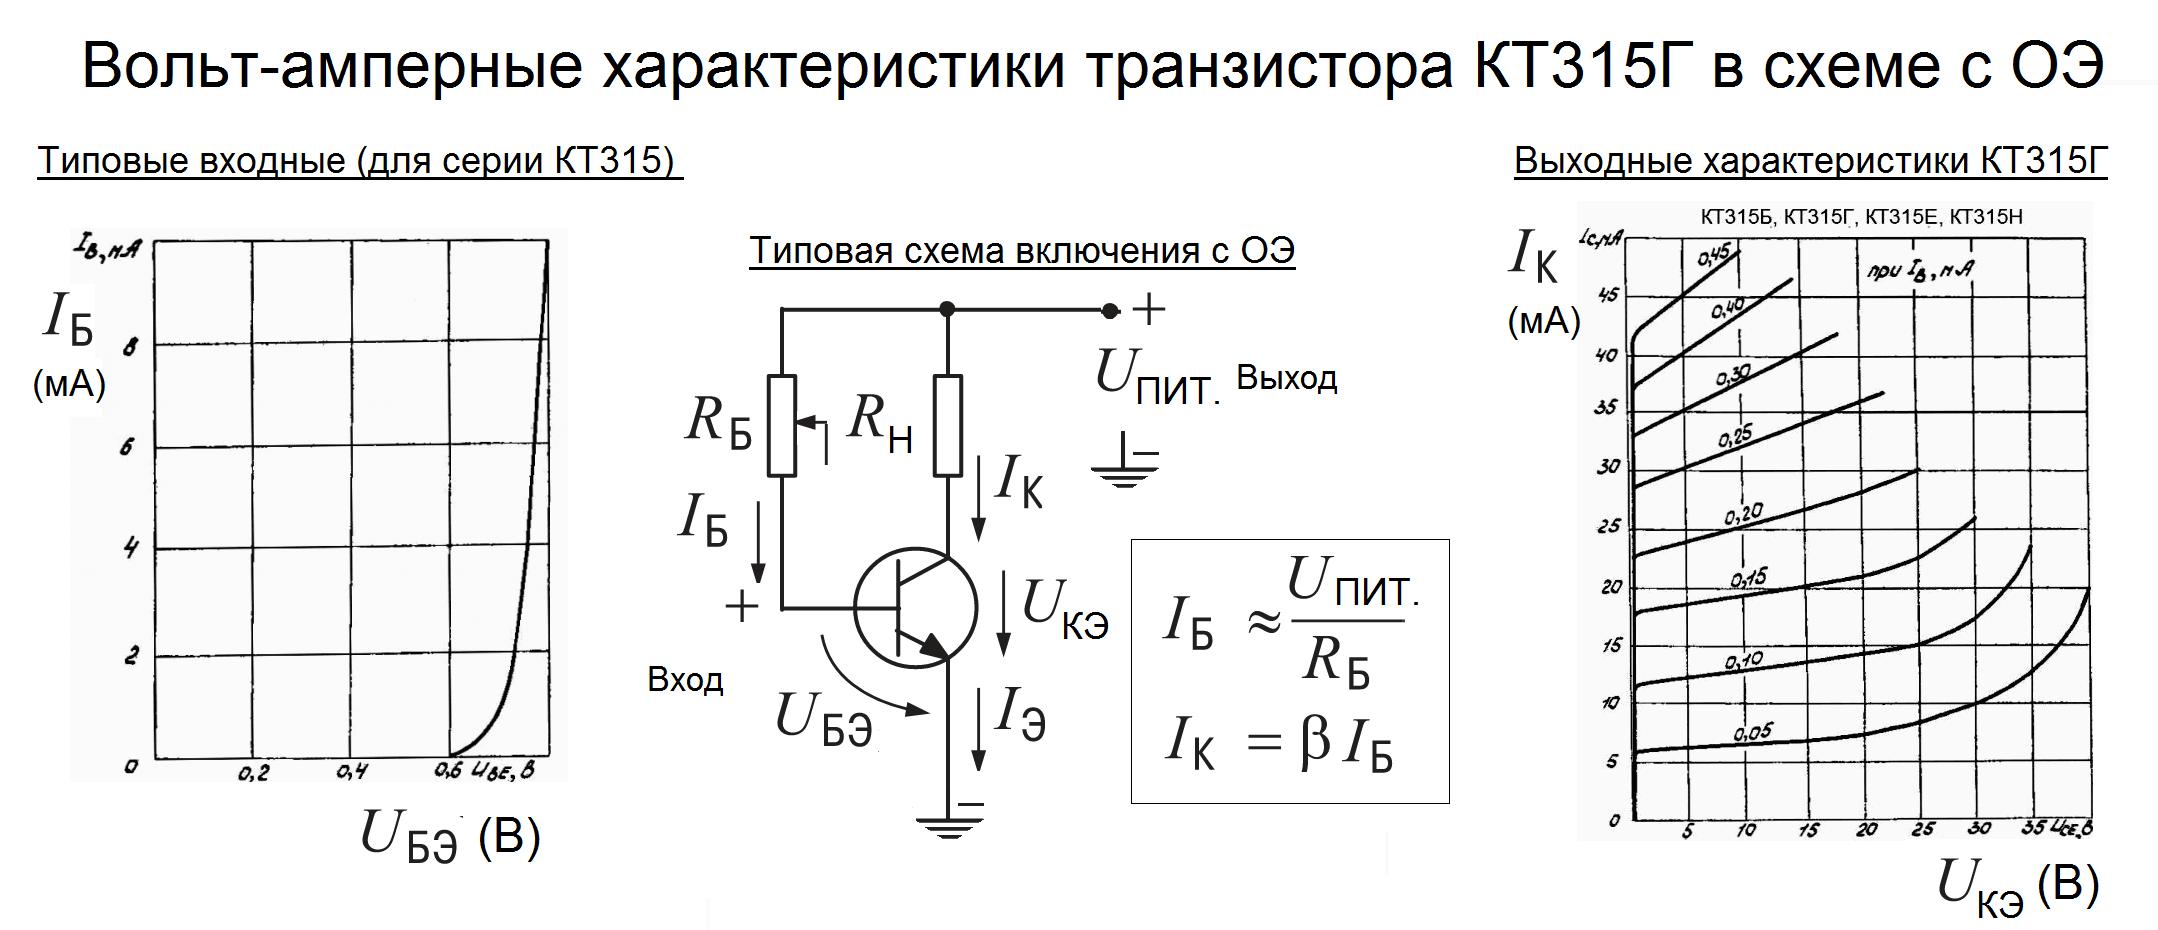 Графики вольт-амперных параметров КТ315Г